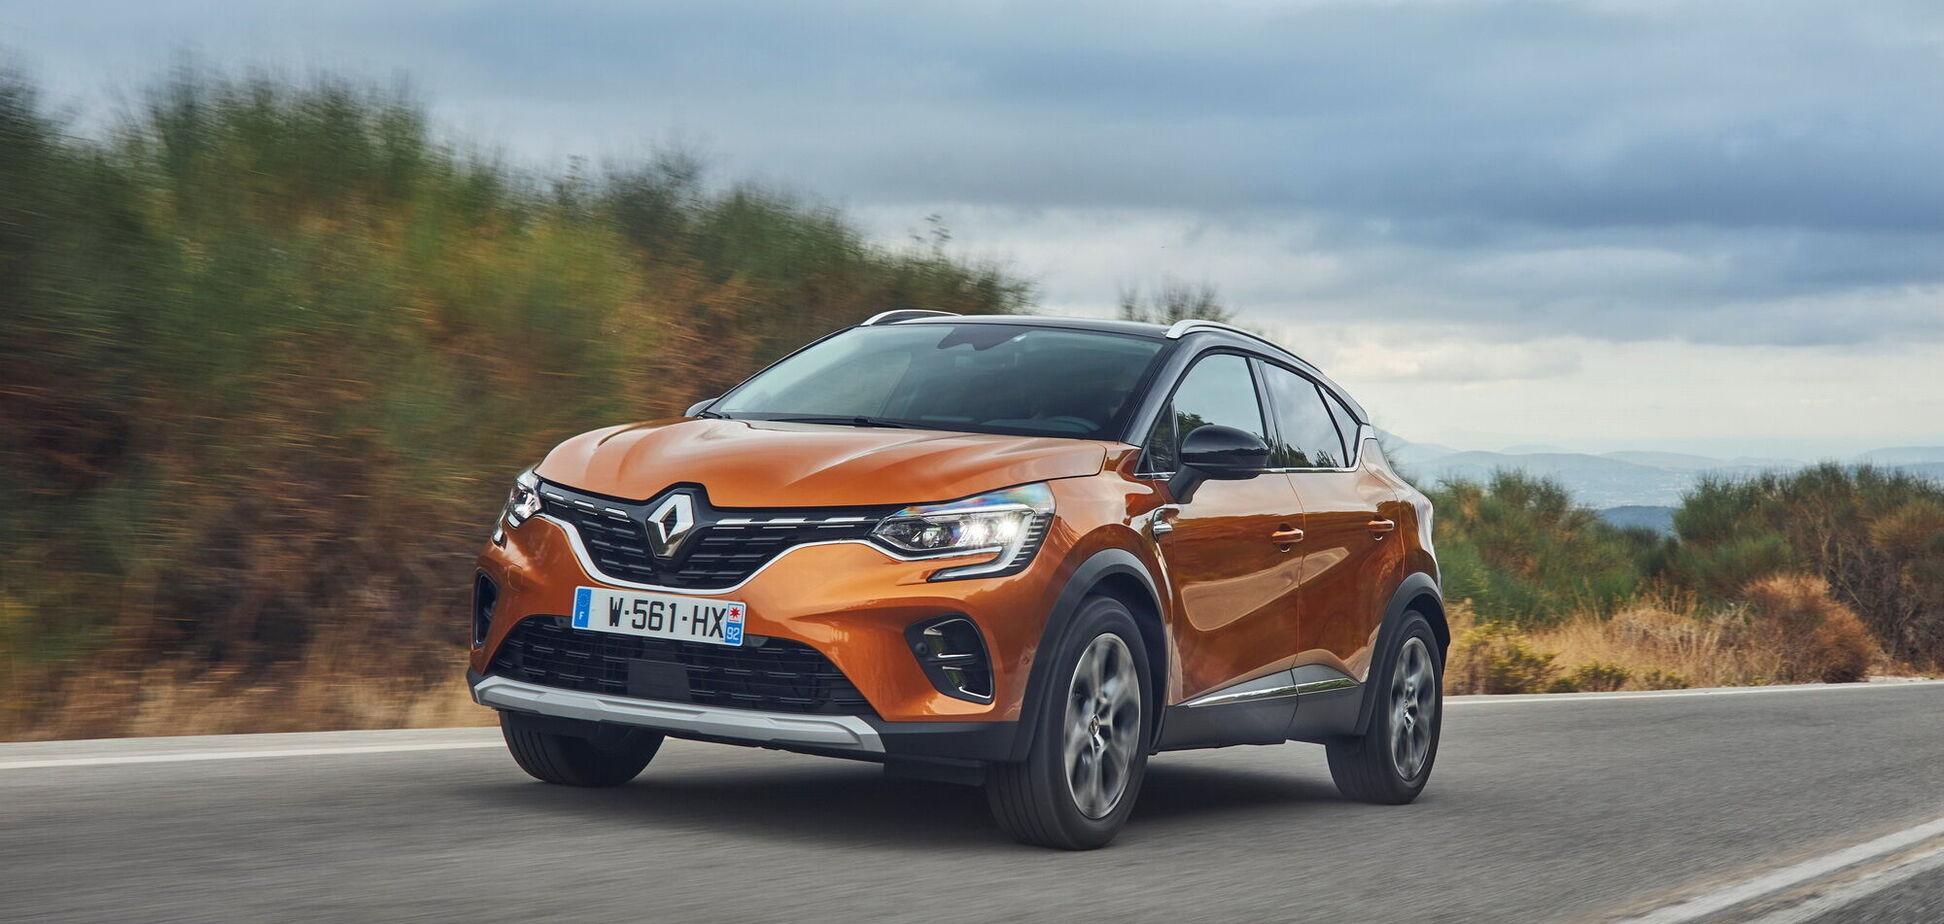 Новый Renault Captur представили в Украине. Видео